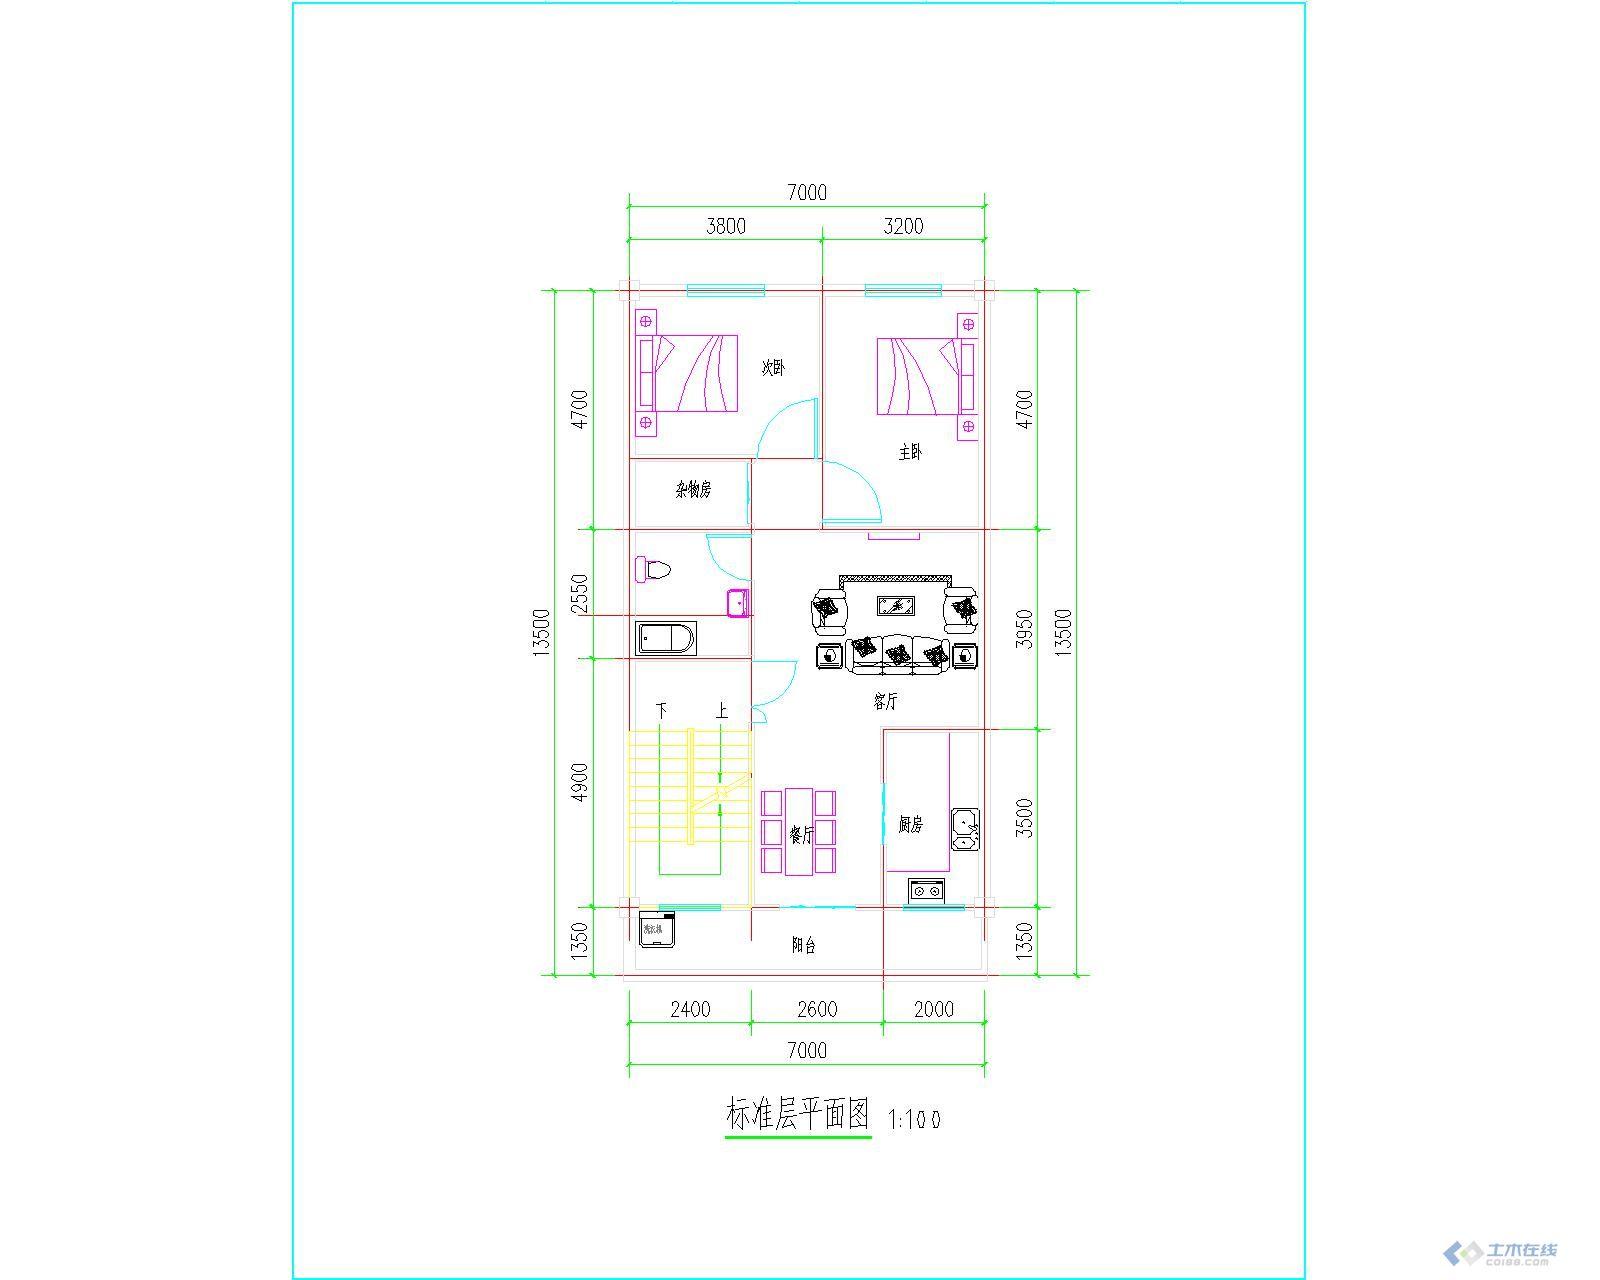 建筑设计 建筑资料 宽6.9米长12米农村建房图纸朋友们给点意见